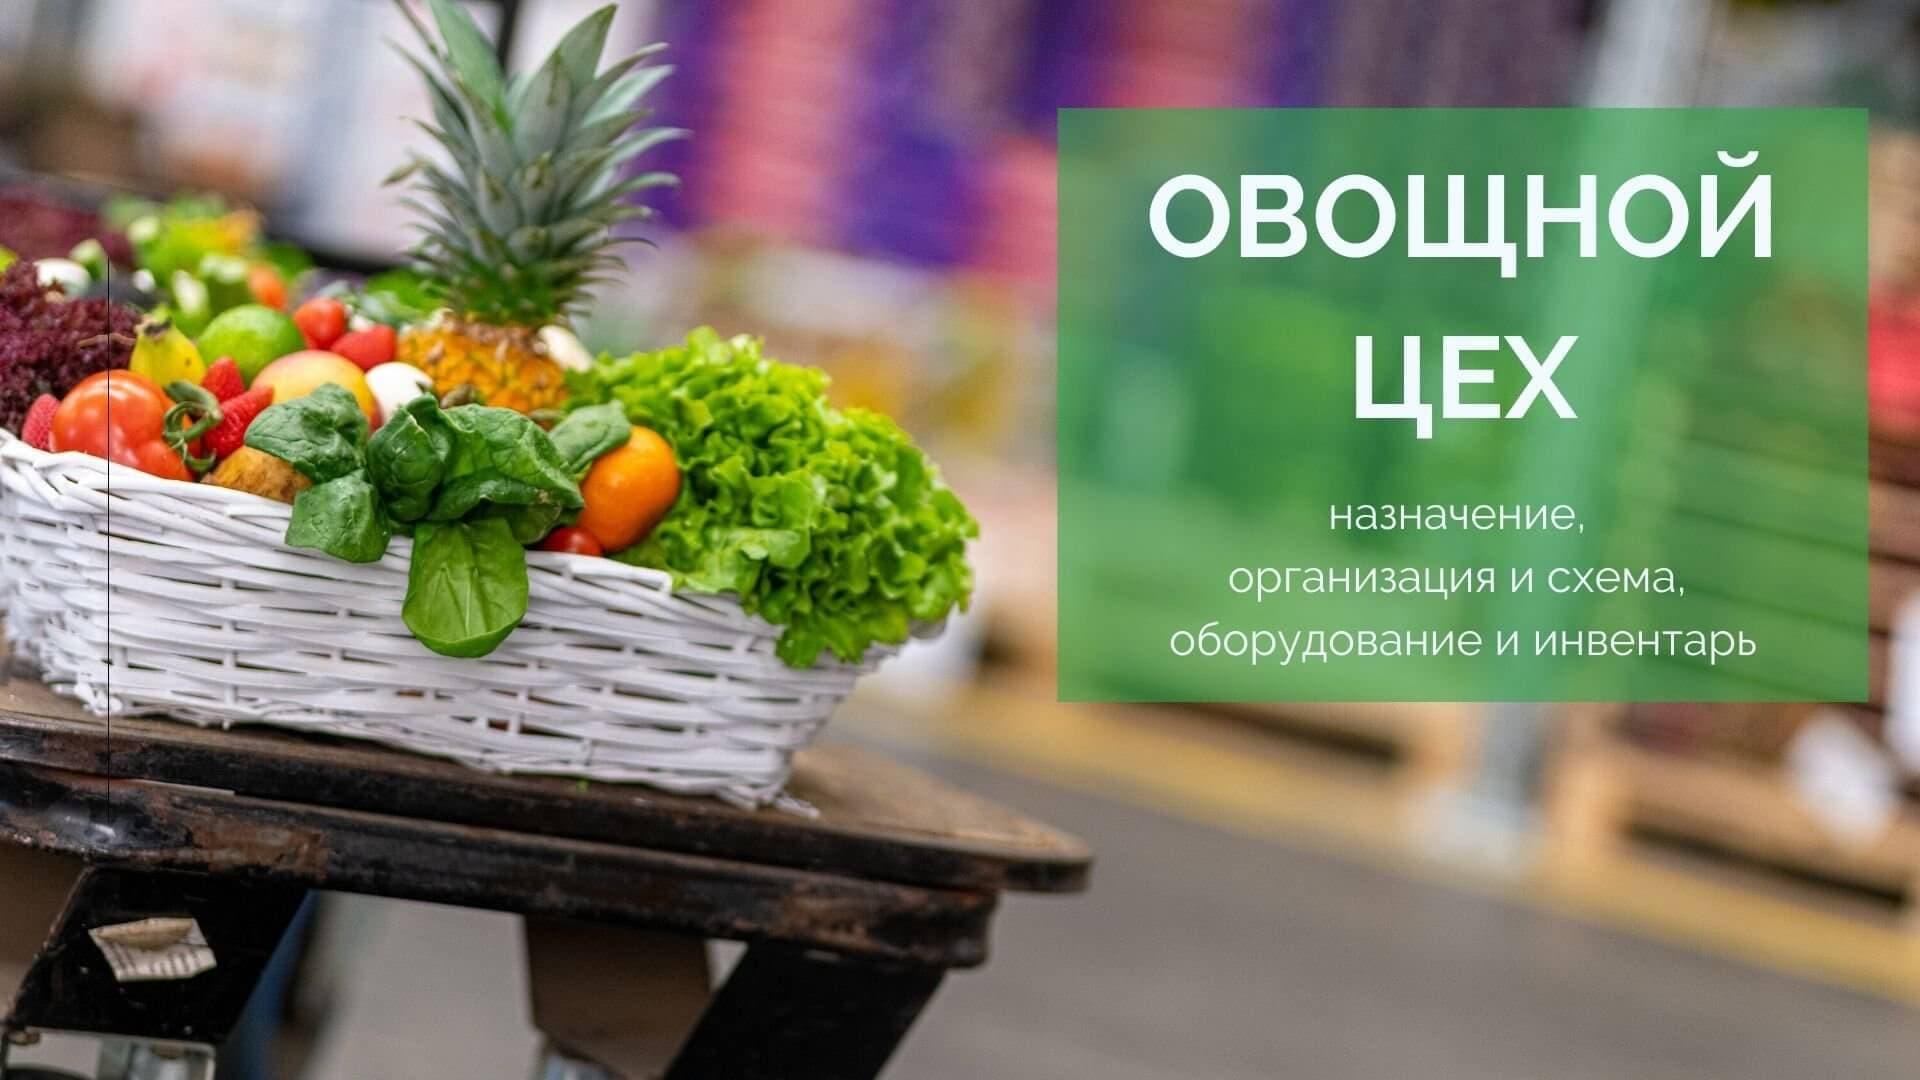 Овощной цех: назначение, организация и схема, оборудование и инвентарь